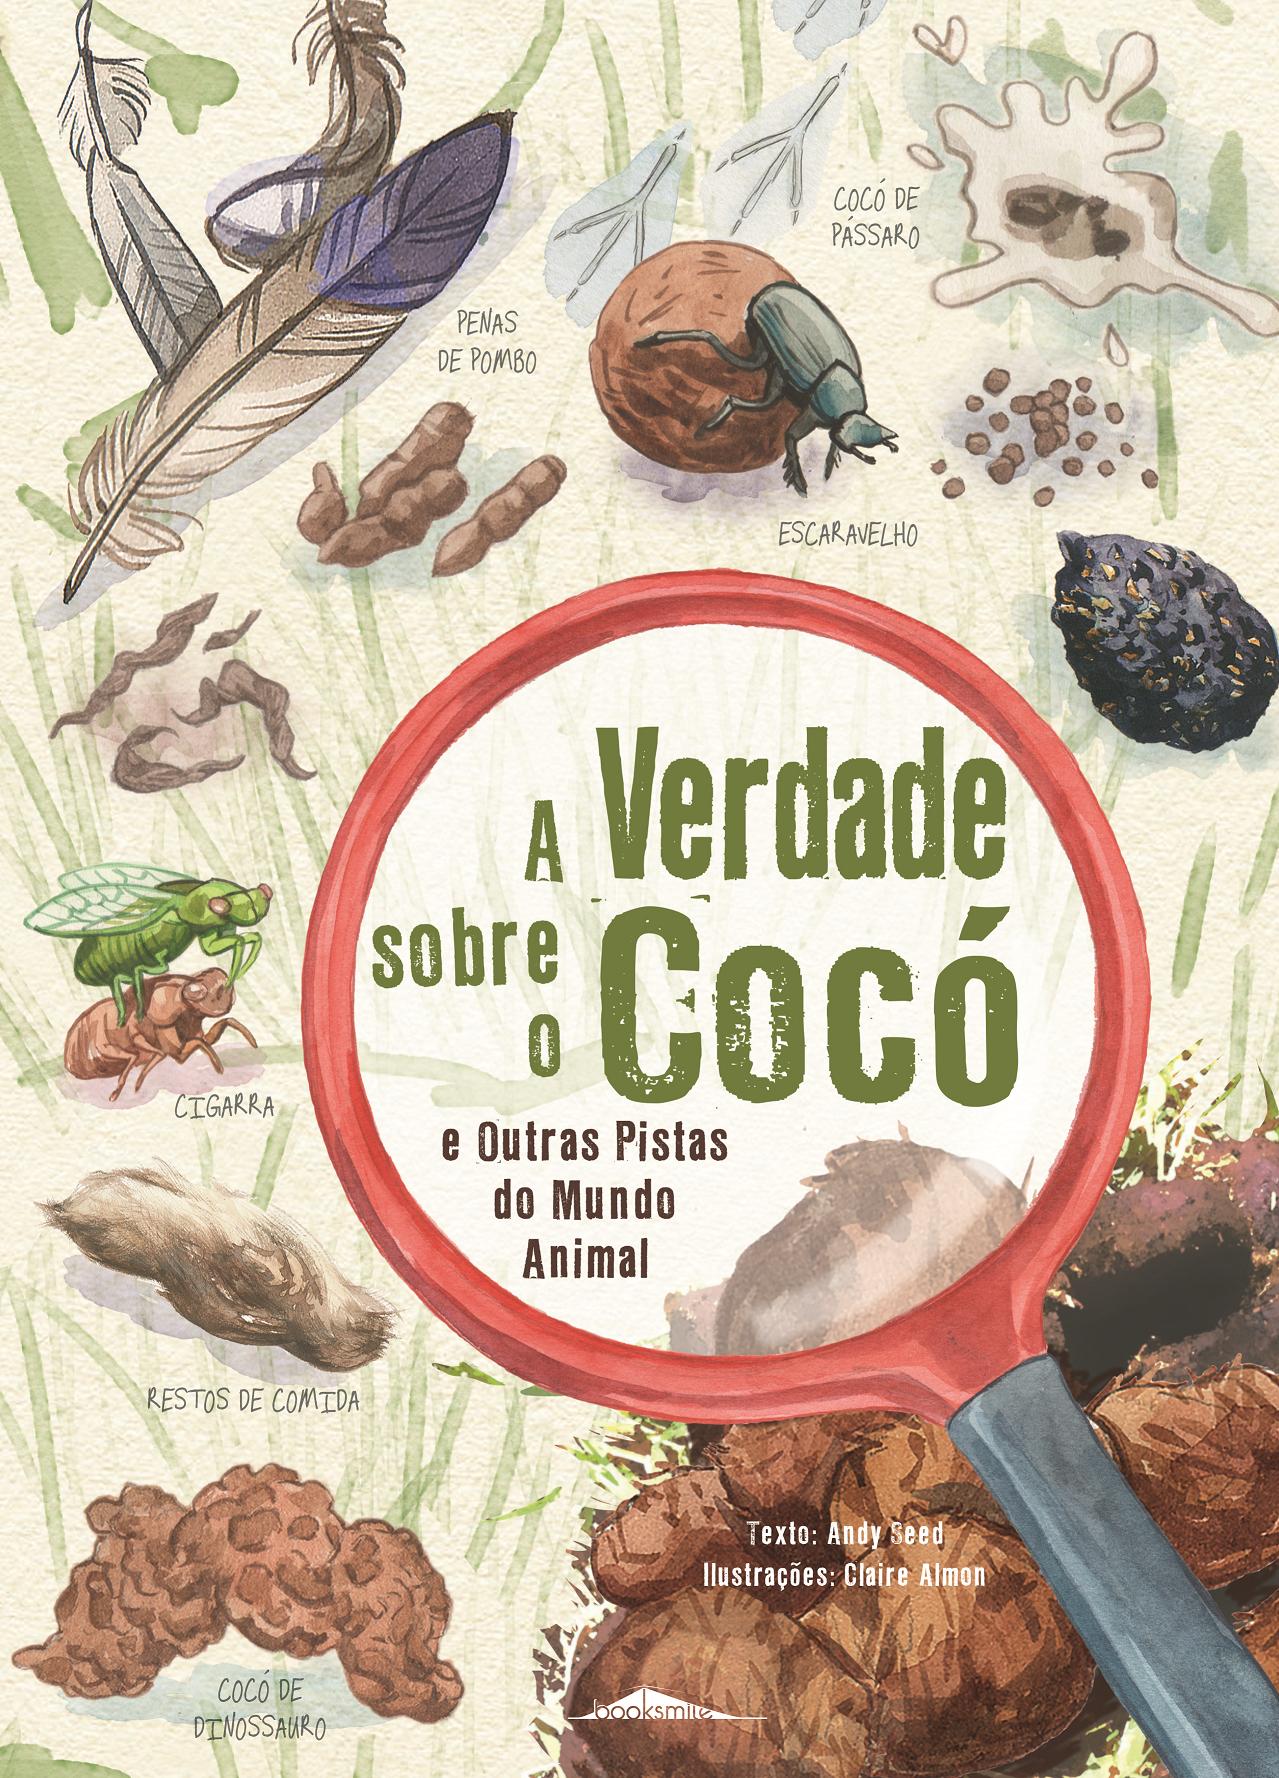 A Verdade sobre o Cocó e Outras Pistas do Mundo Animal - Booksmile